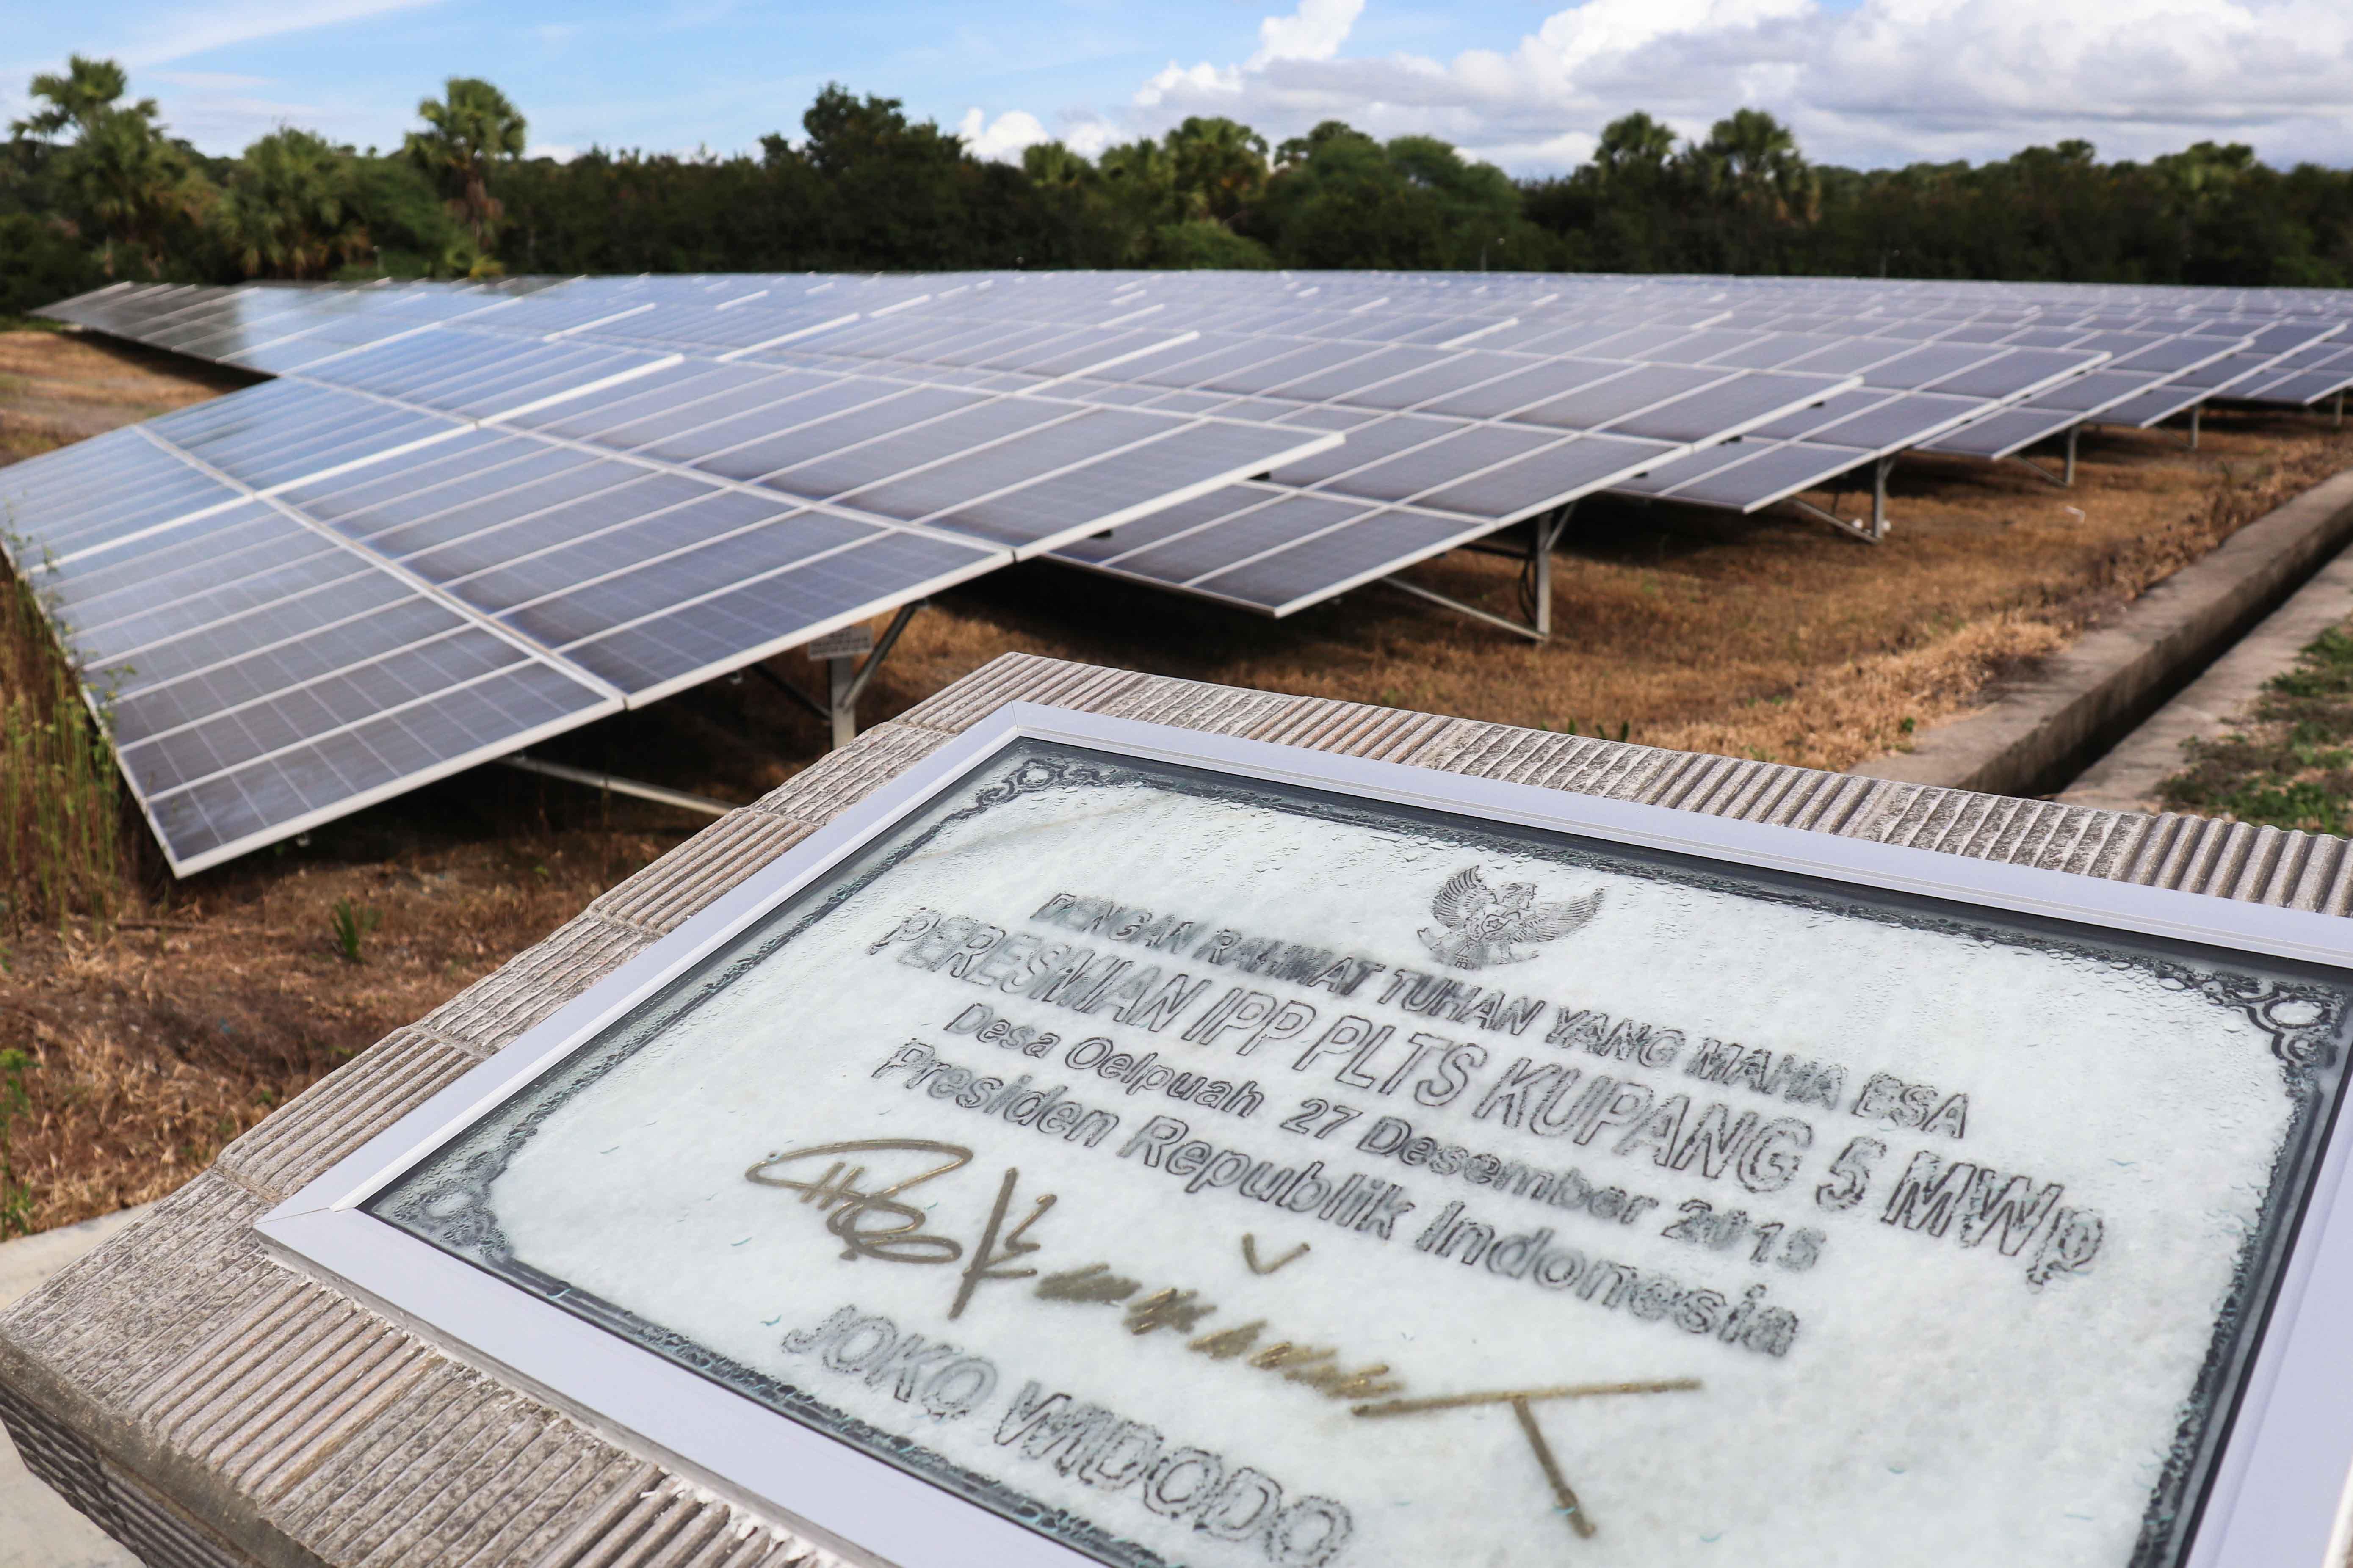 PLTS berkapasitas 5 MWp tersebut dibangun di atas lahan seluas 7,5 Ha dan diresmikan oleh Presiden Jokowi 27 Desember 2015 di Desa Oelpuah, Kupang Tengah, NTT.(14/02/2020)